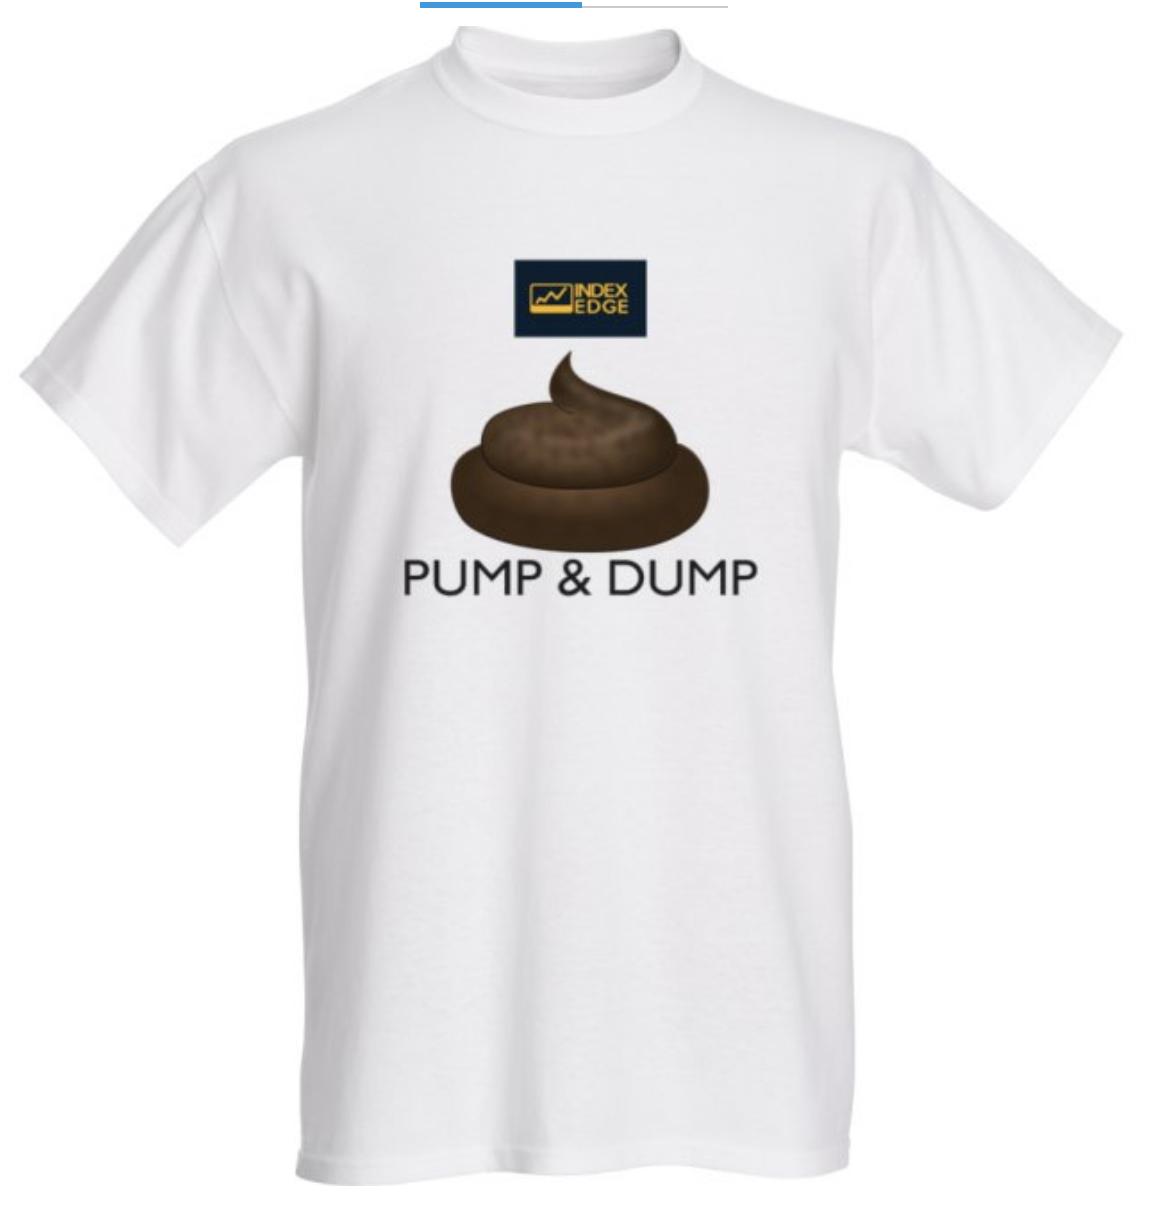 4. Pump & Dump (Large Only)